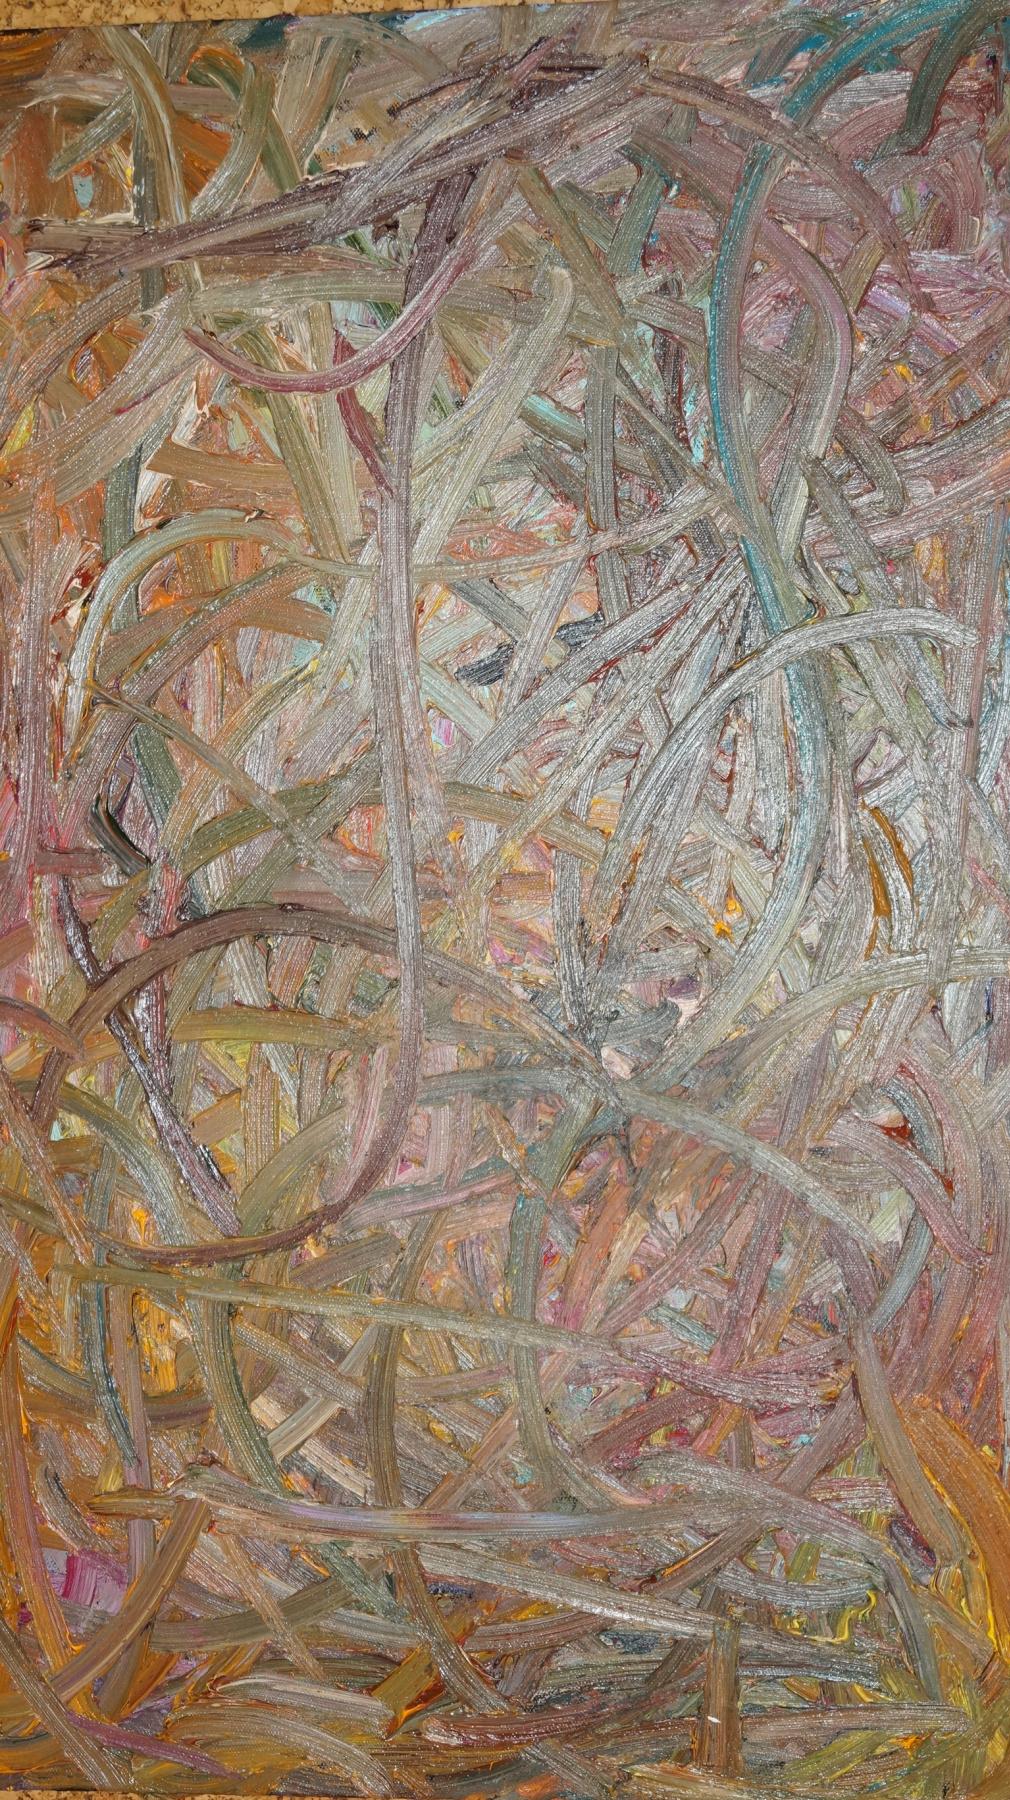 Trivinmoriy Trivinmoriy. Painting number 1